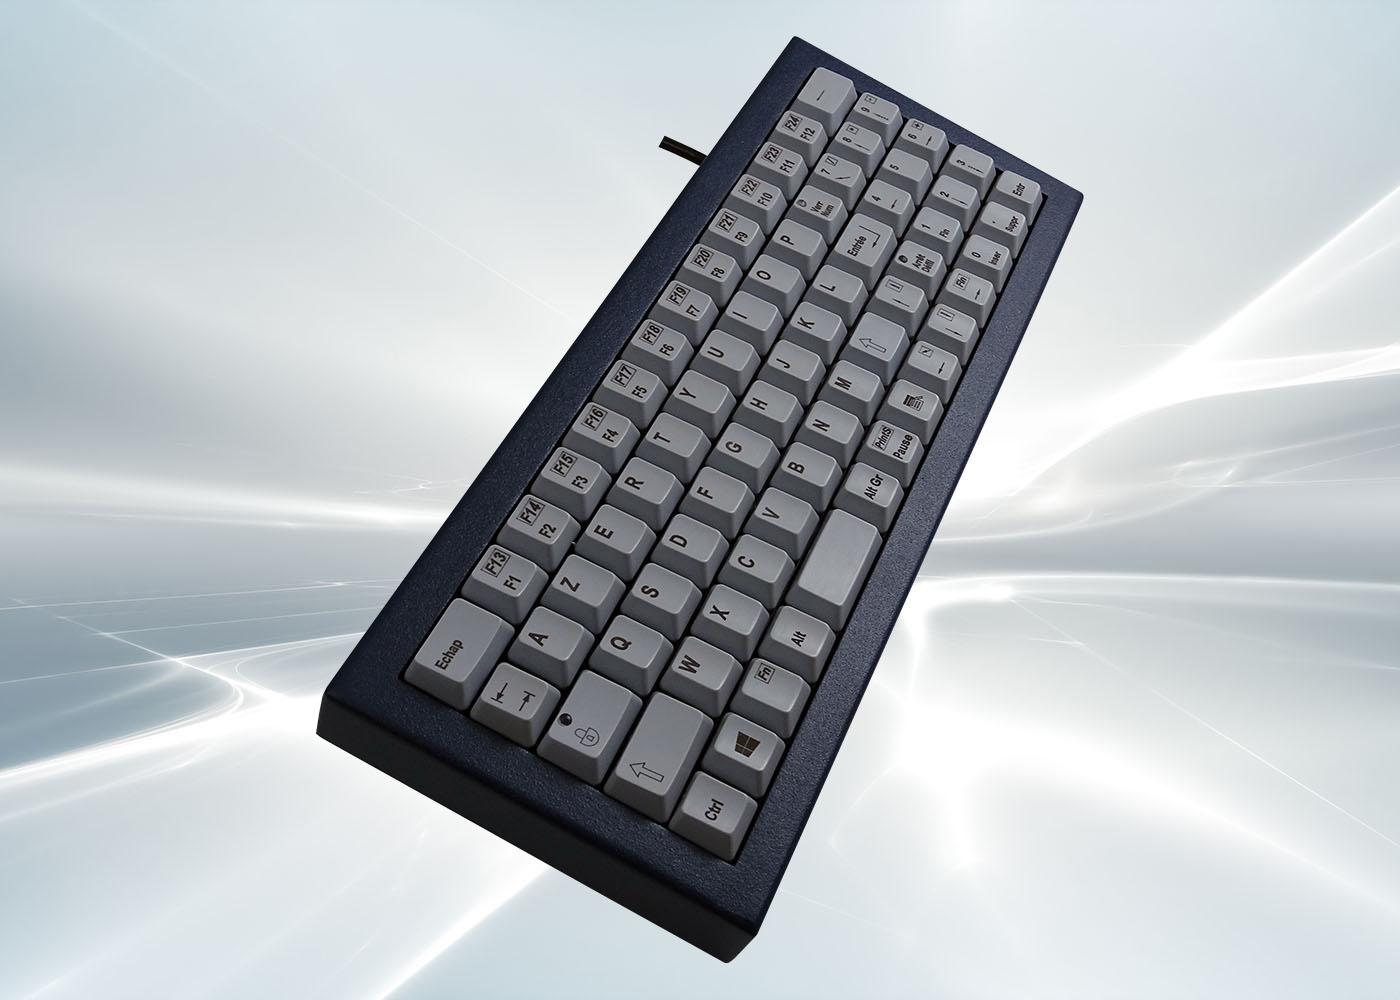 Clavier industriel 71 touches en boitier métallique de table étanche IP54 – Vue profile